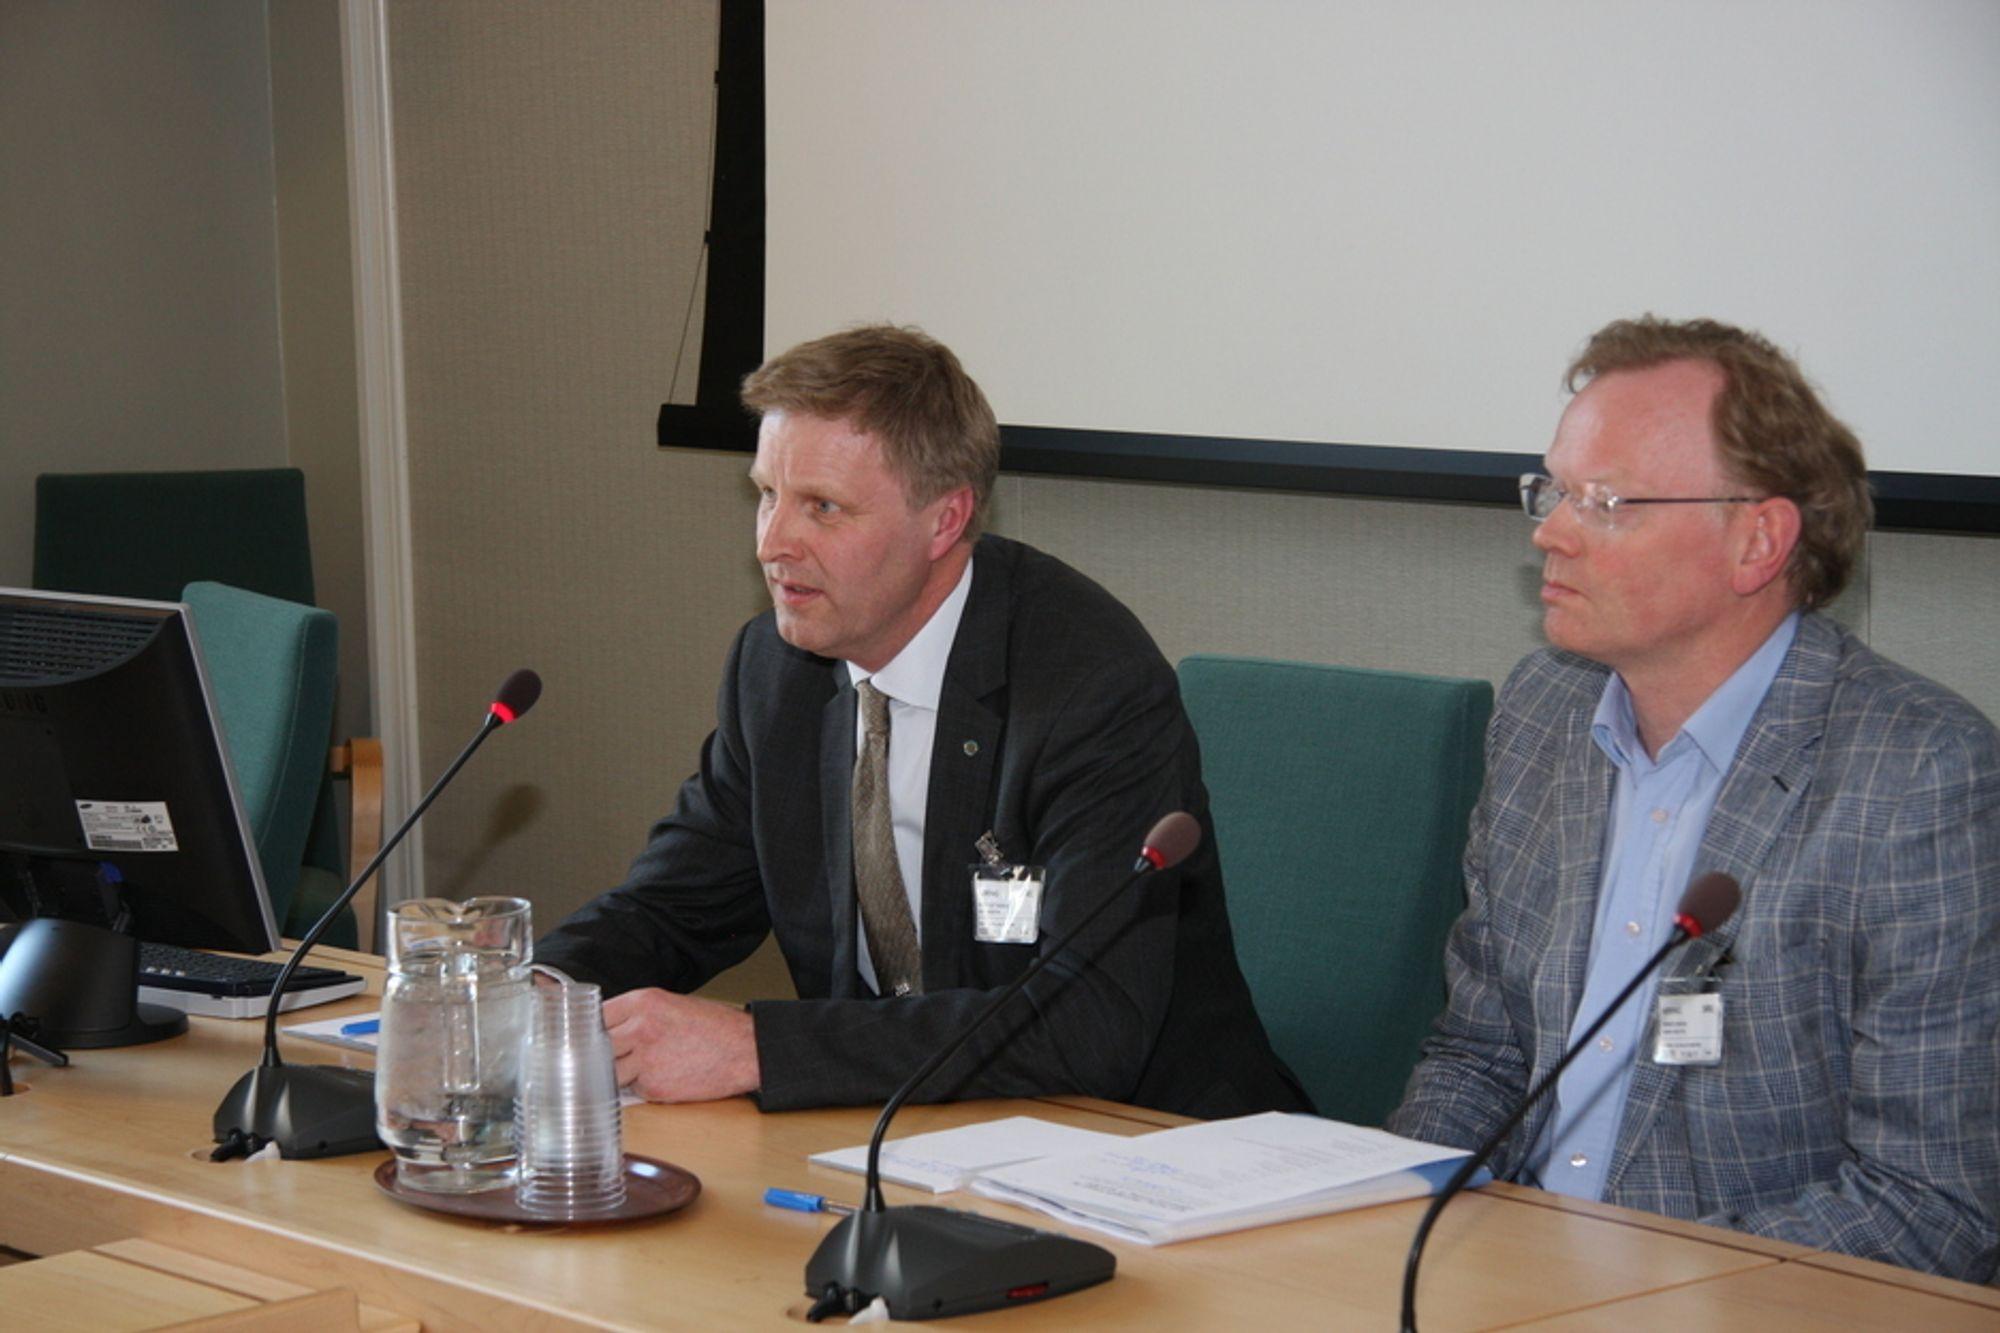 HØRINGEN: Norsk Industri Runar Rugtvedt (til venstre) ber ingeniører være edruelig når det gjelder lønnsnivå. Til høyre fagsjef Sindre Finnes.